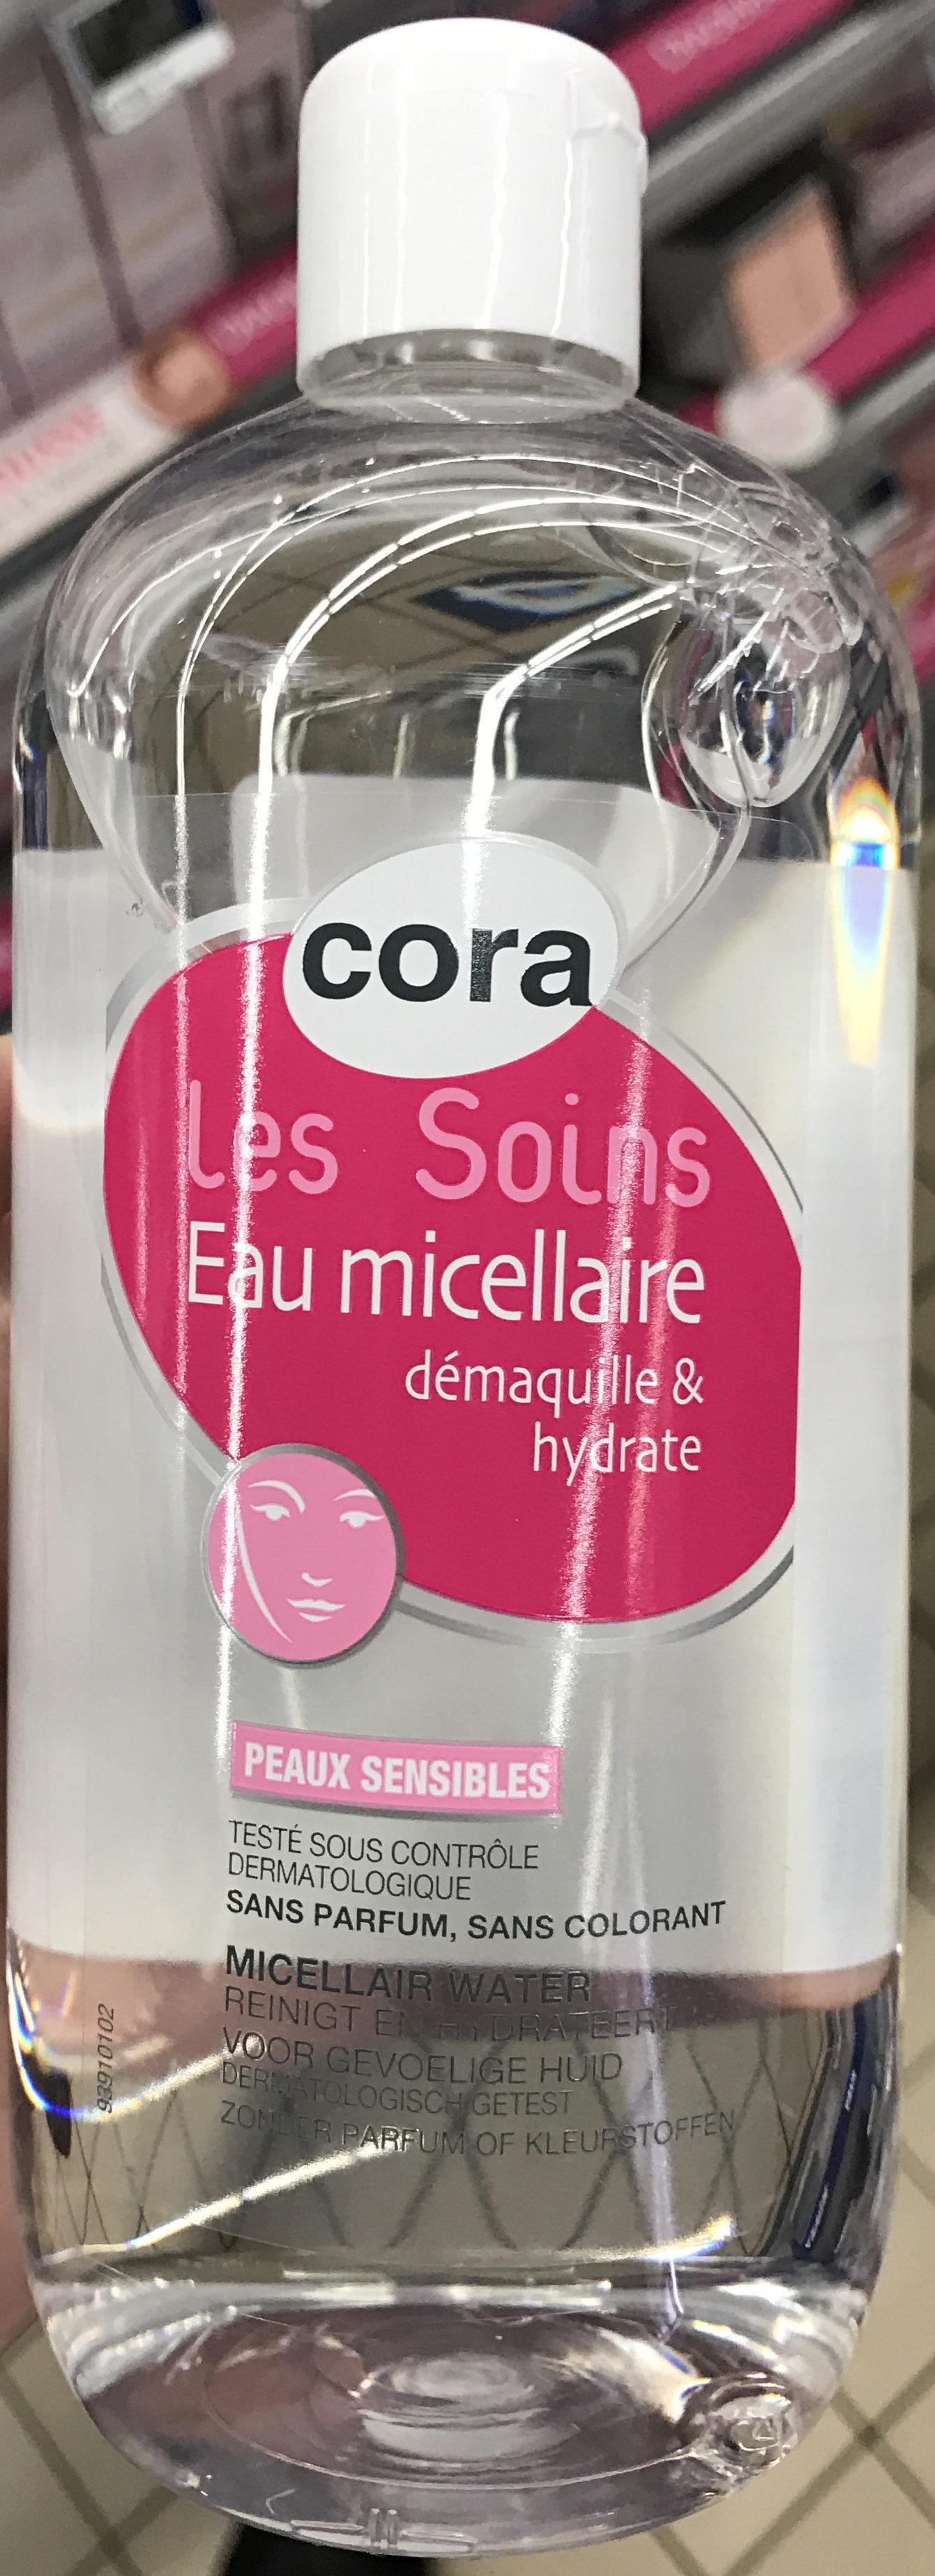 Les Soins Eau micellaire Peaux Sensibles - Produit